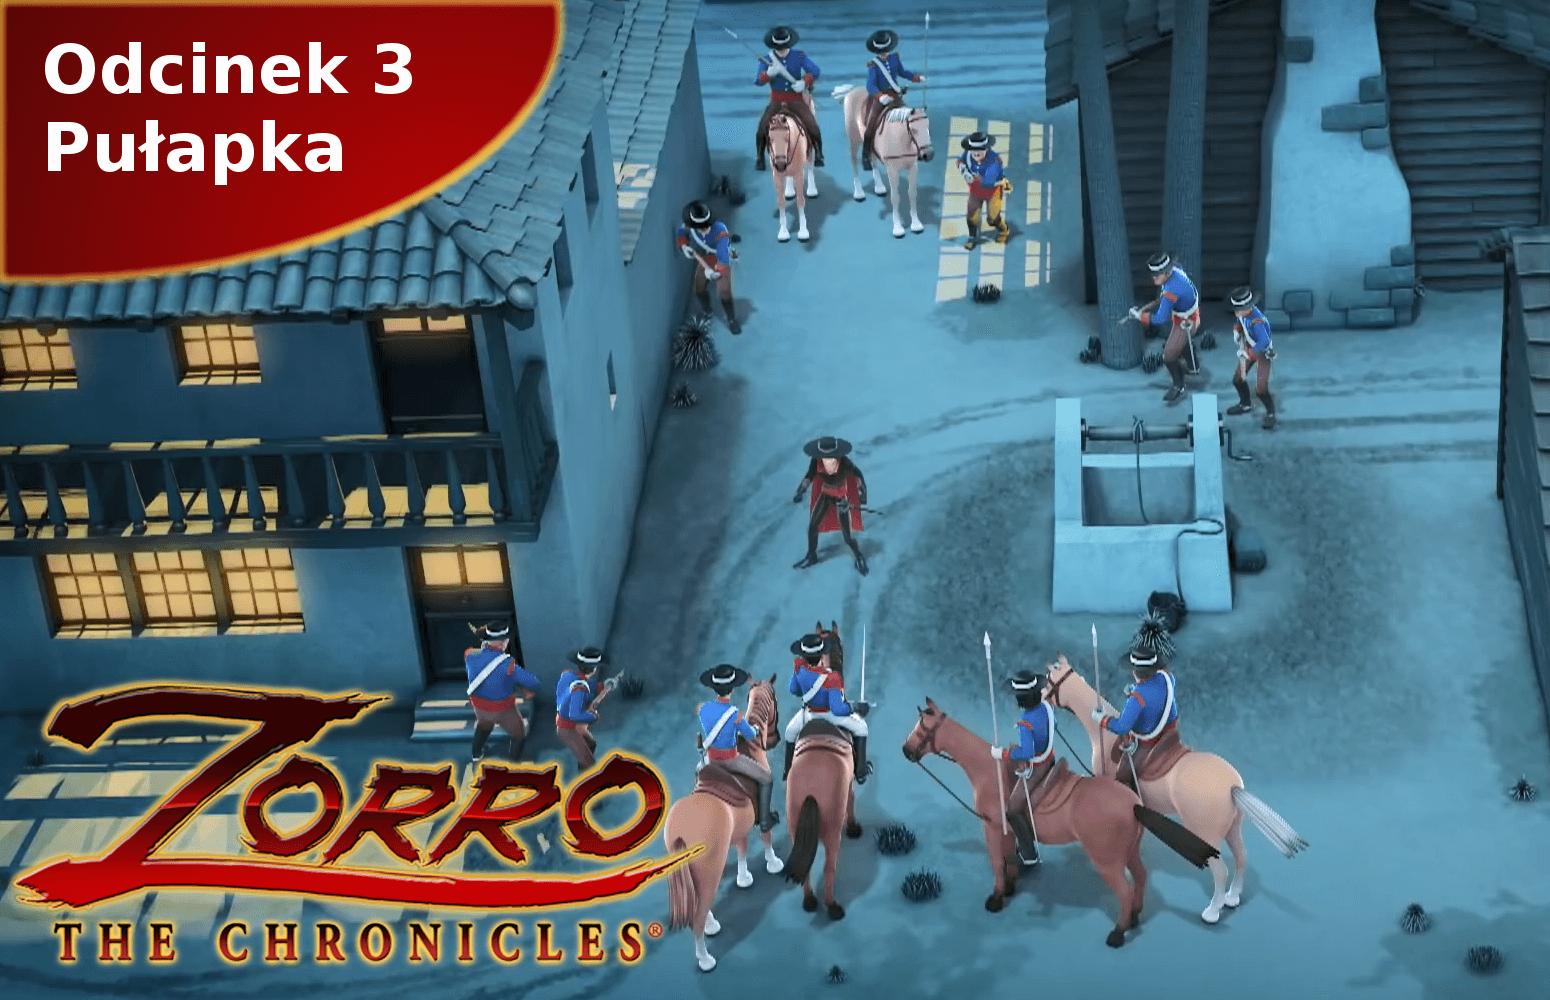 Kroniki Zorro odcinek 3 Pułapka